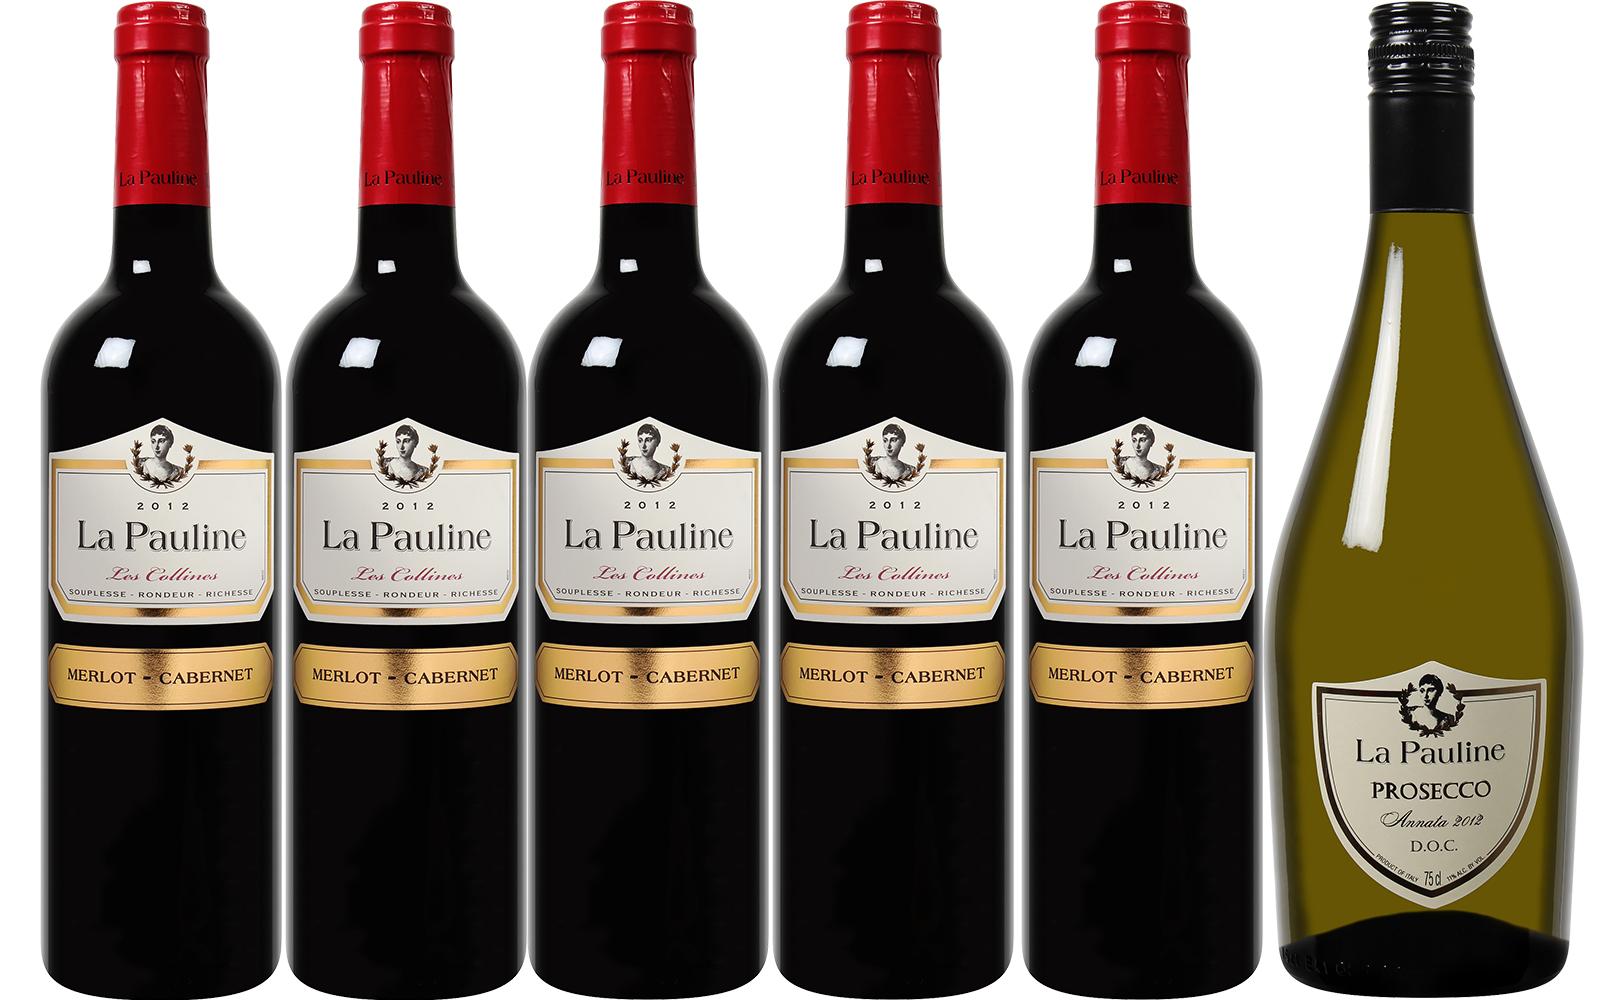 Nieuwe wijn voor €9,95 per 6 flessen  (incl. verzending) door €25 kortingscode @ Wijnbeurs